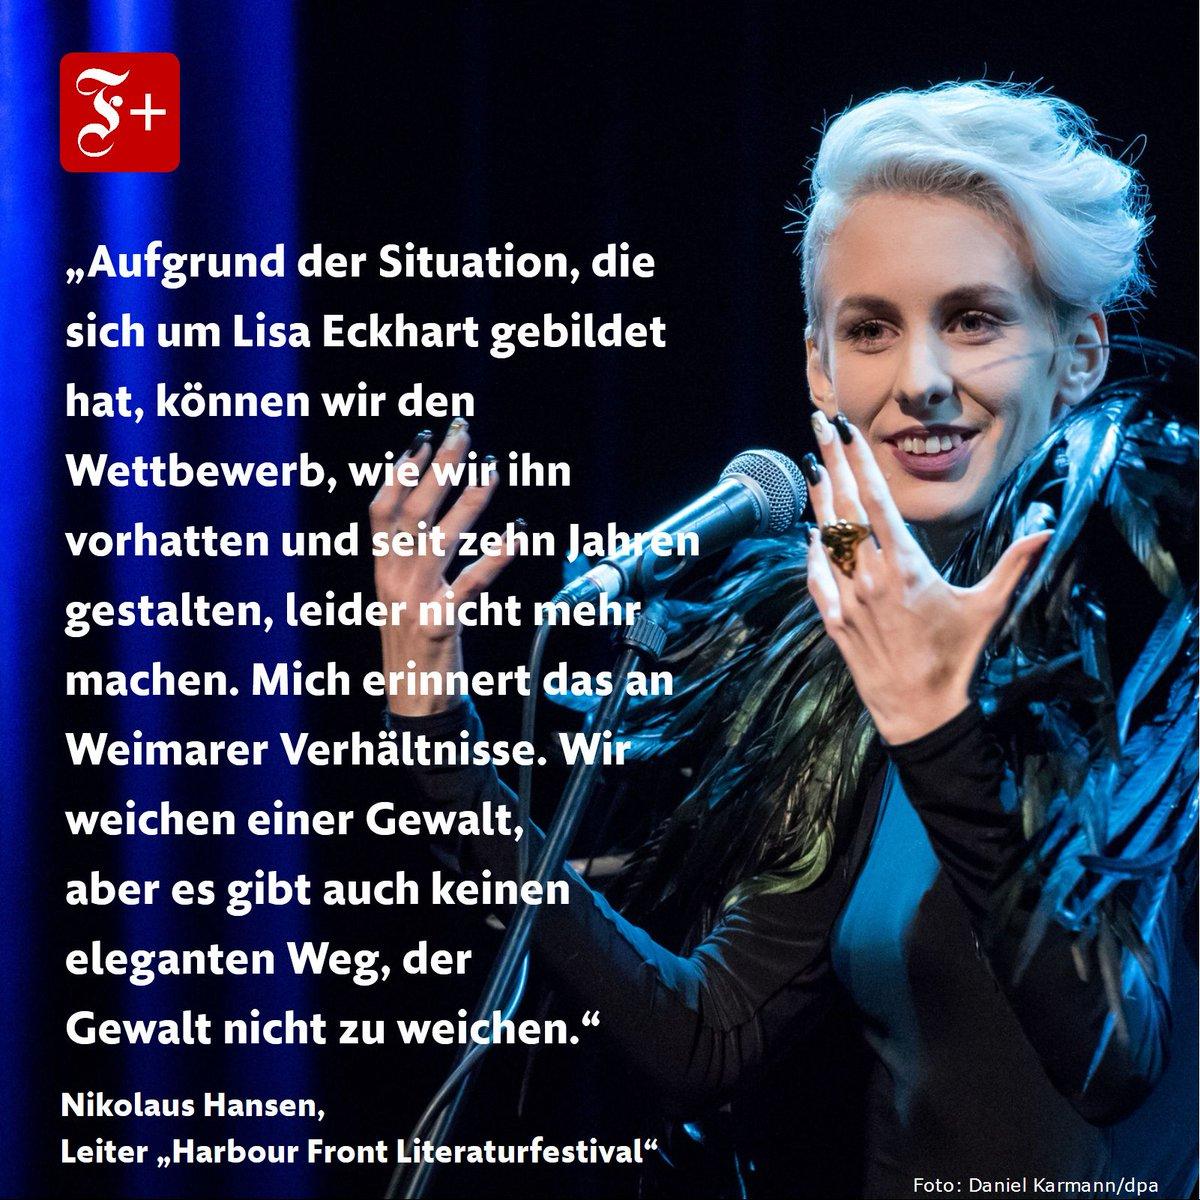 #LisaEckhart